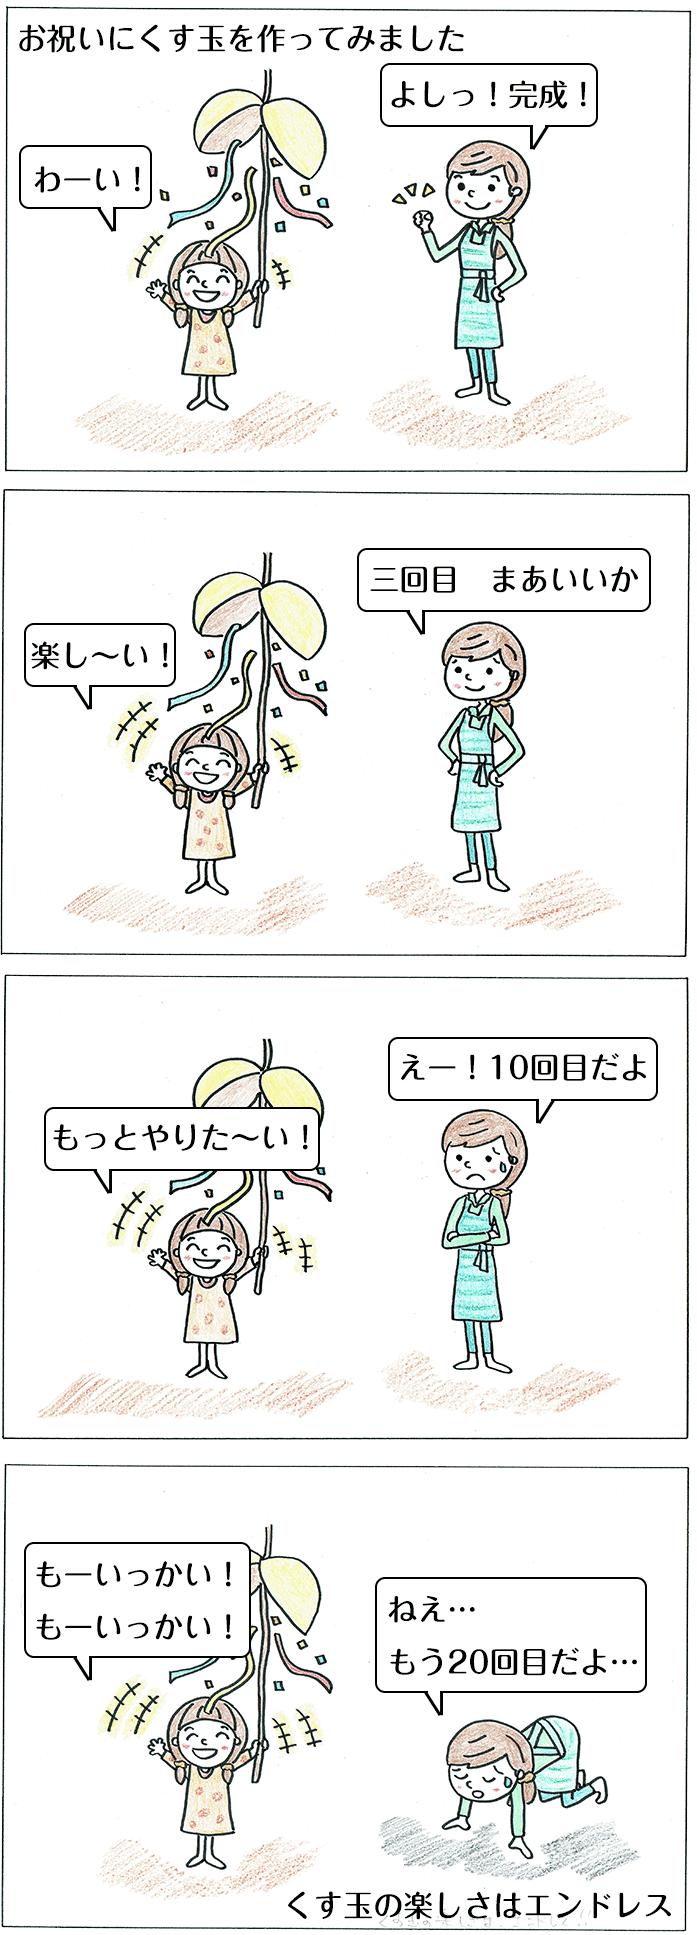 くす玉の作り方の子育て4コマ漫画